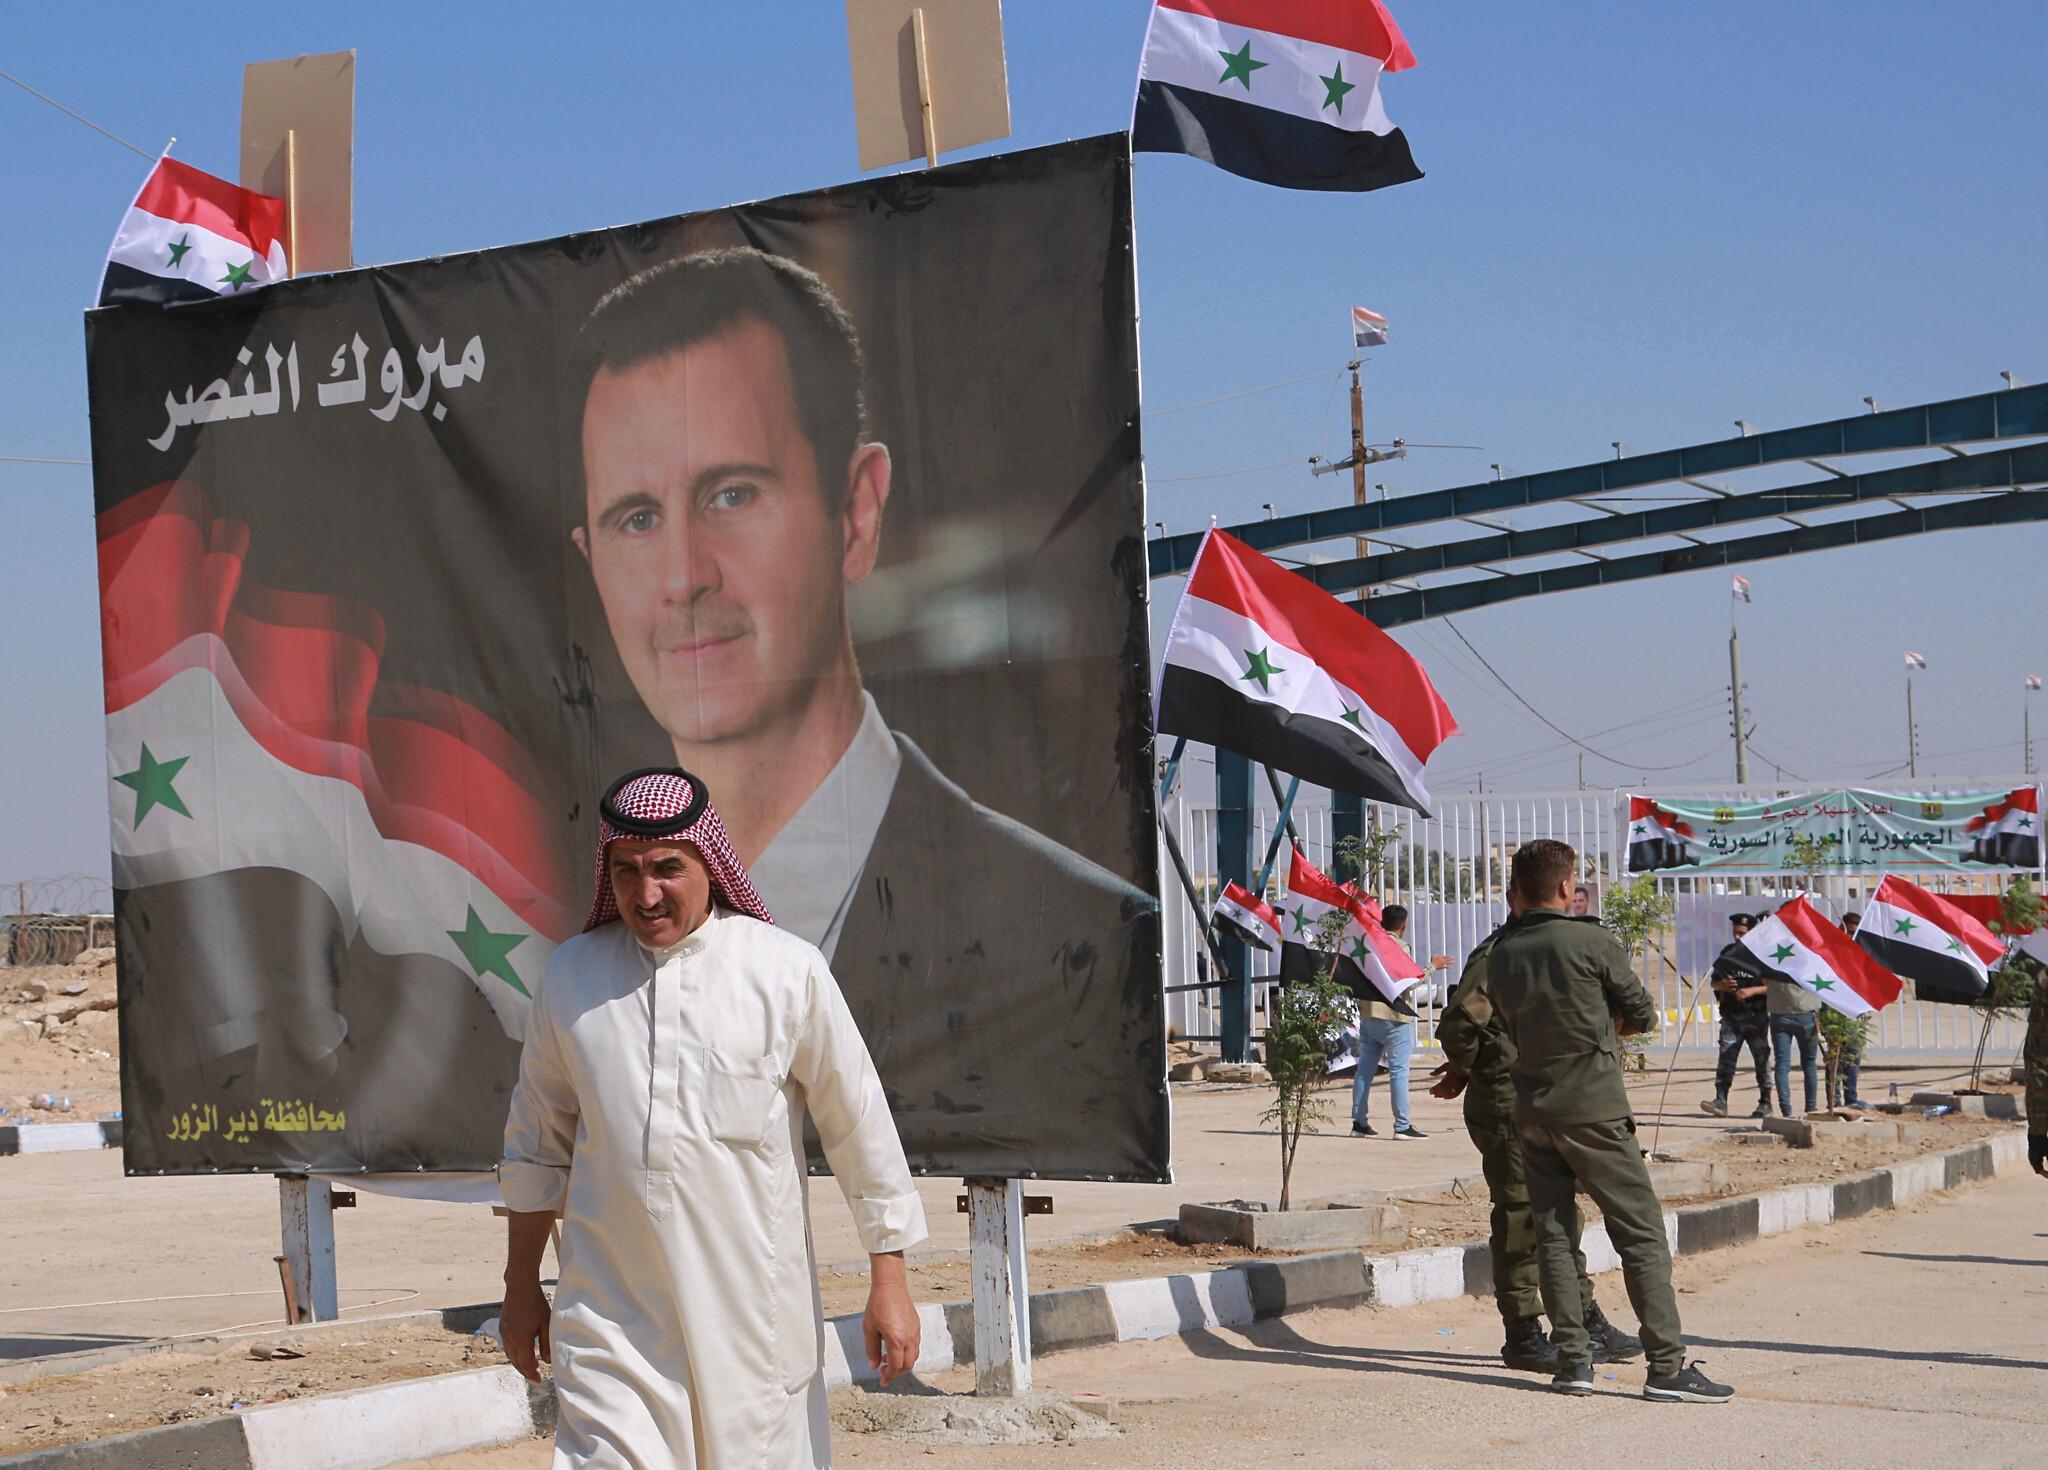 Sirya Syria